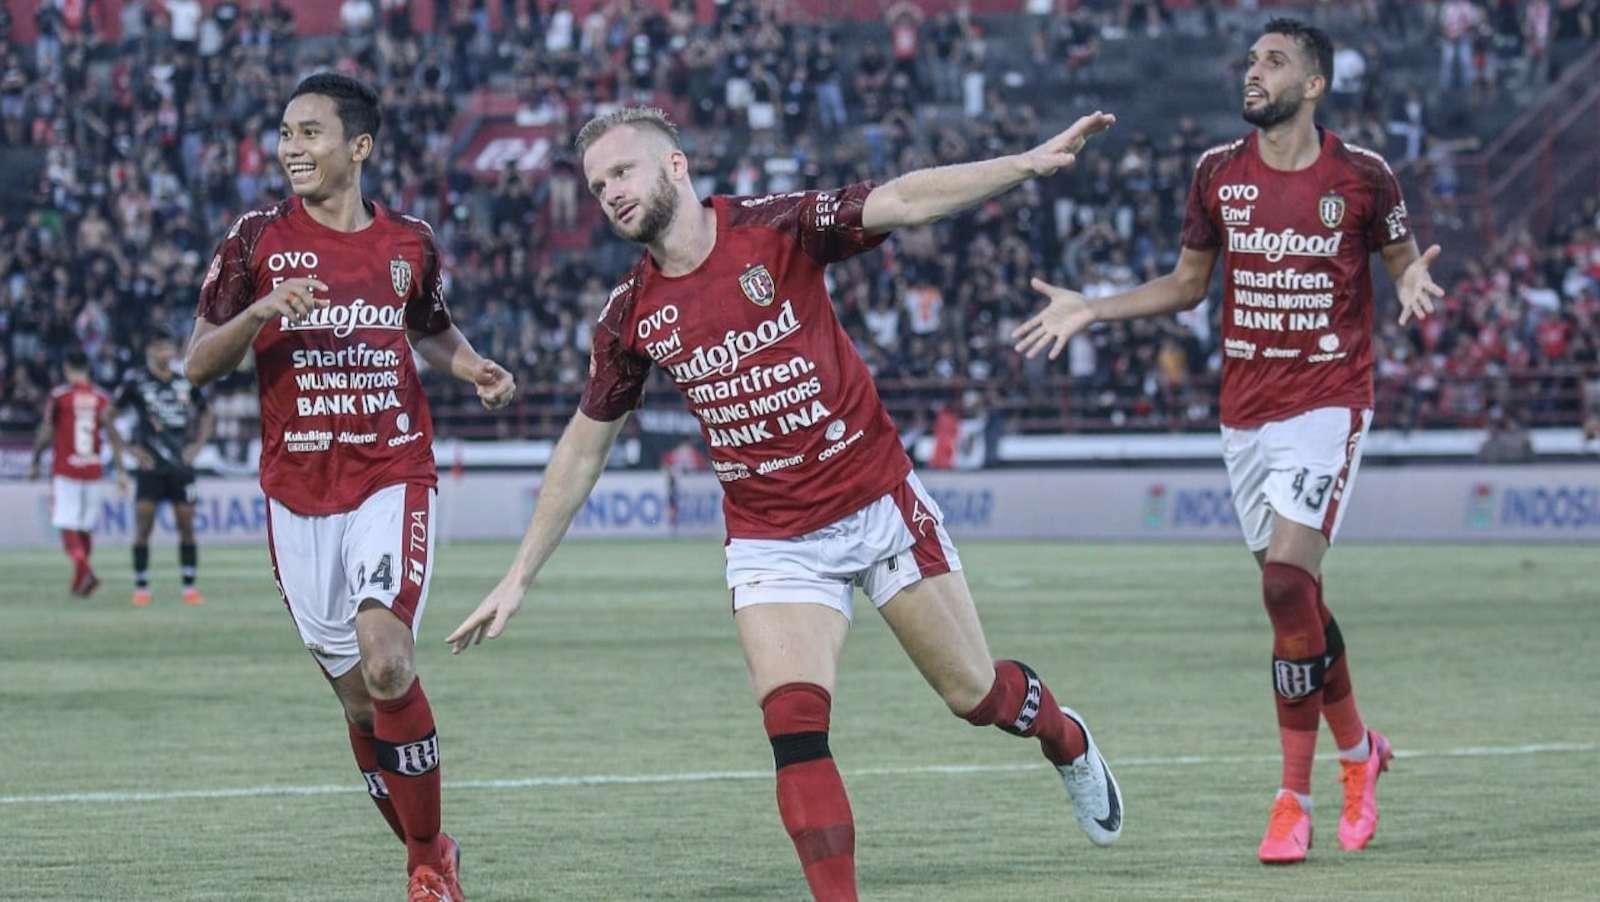 Stefano Cugurra Puji Respons Pemain Bali United Untuk Bangkit